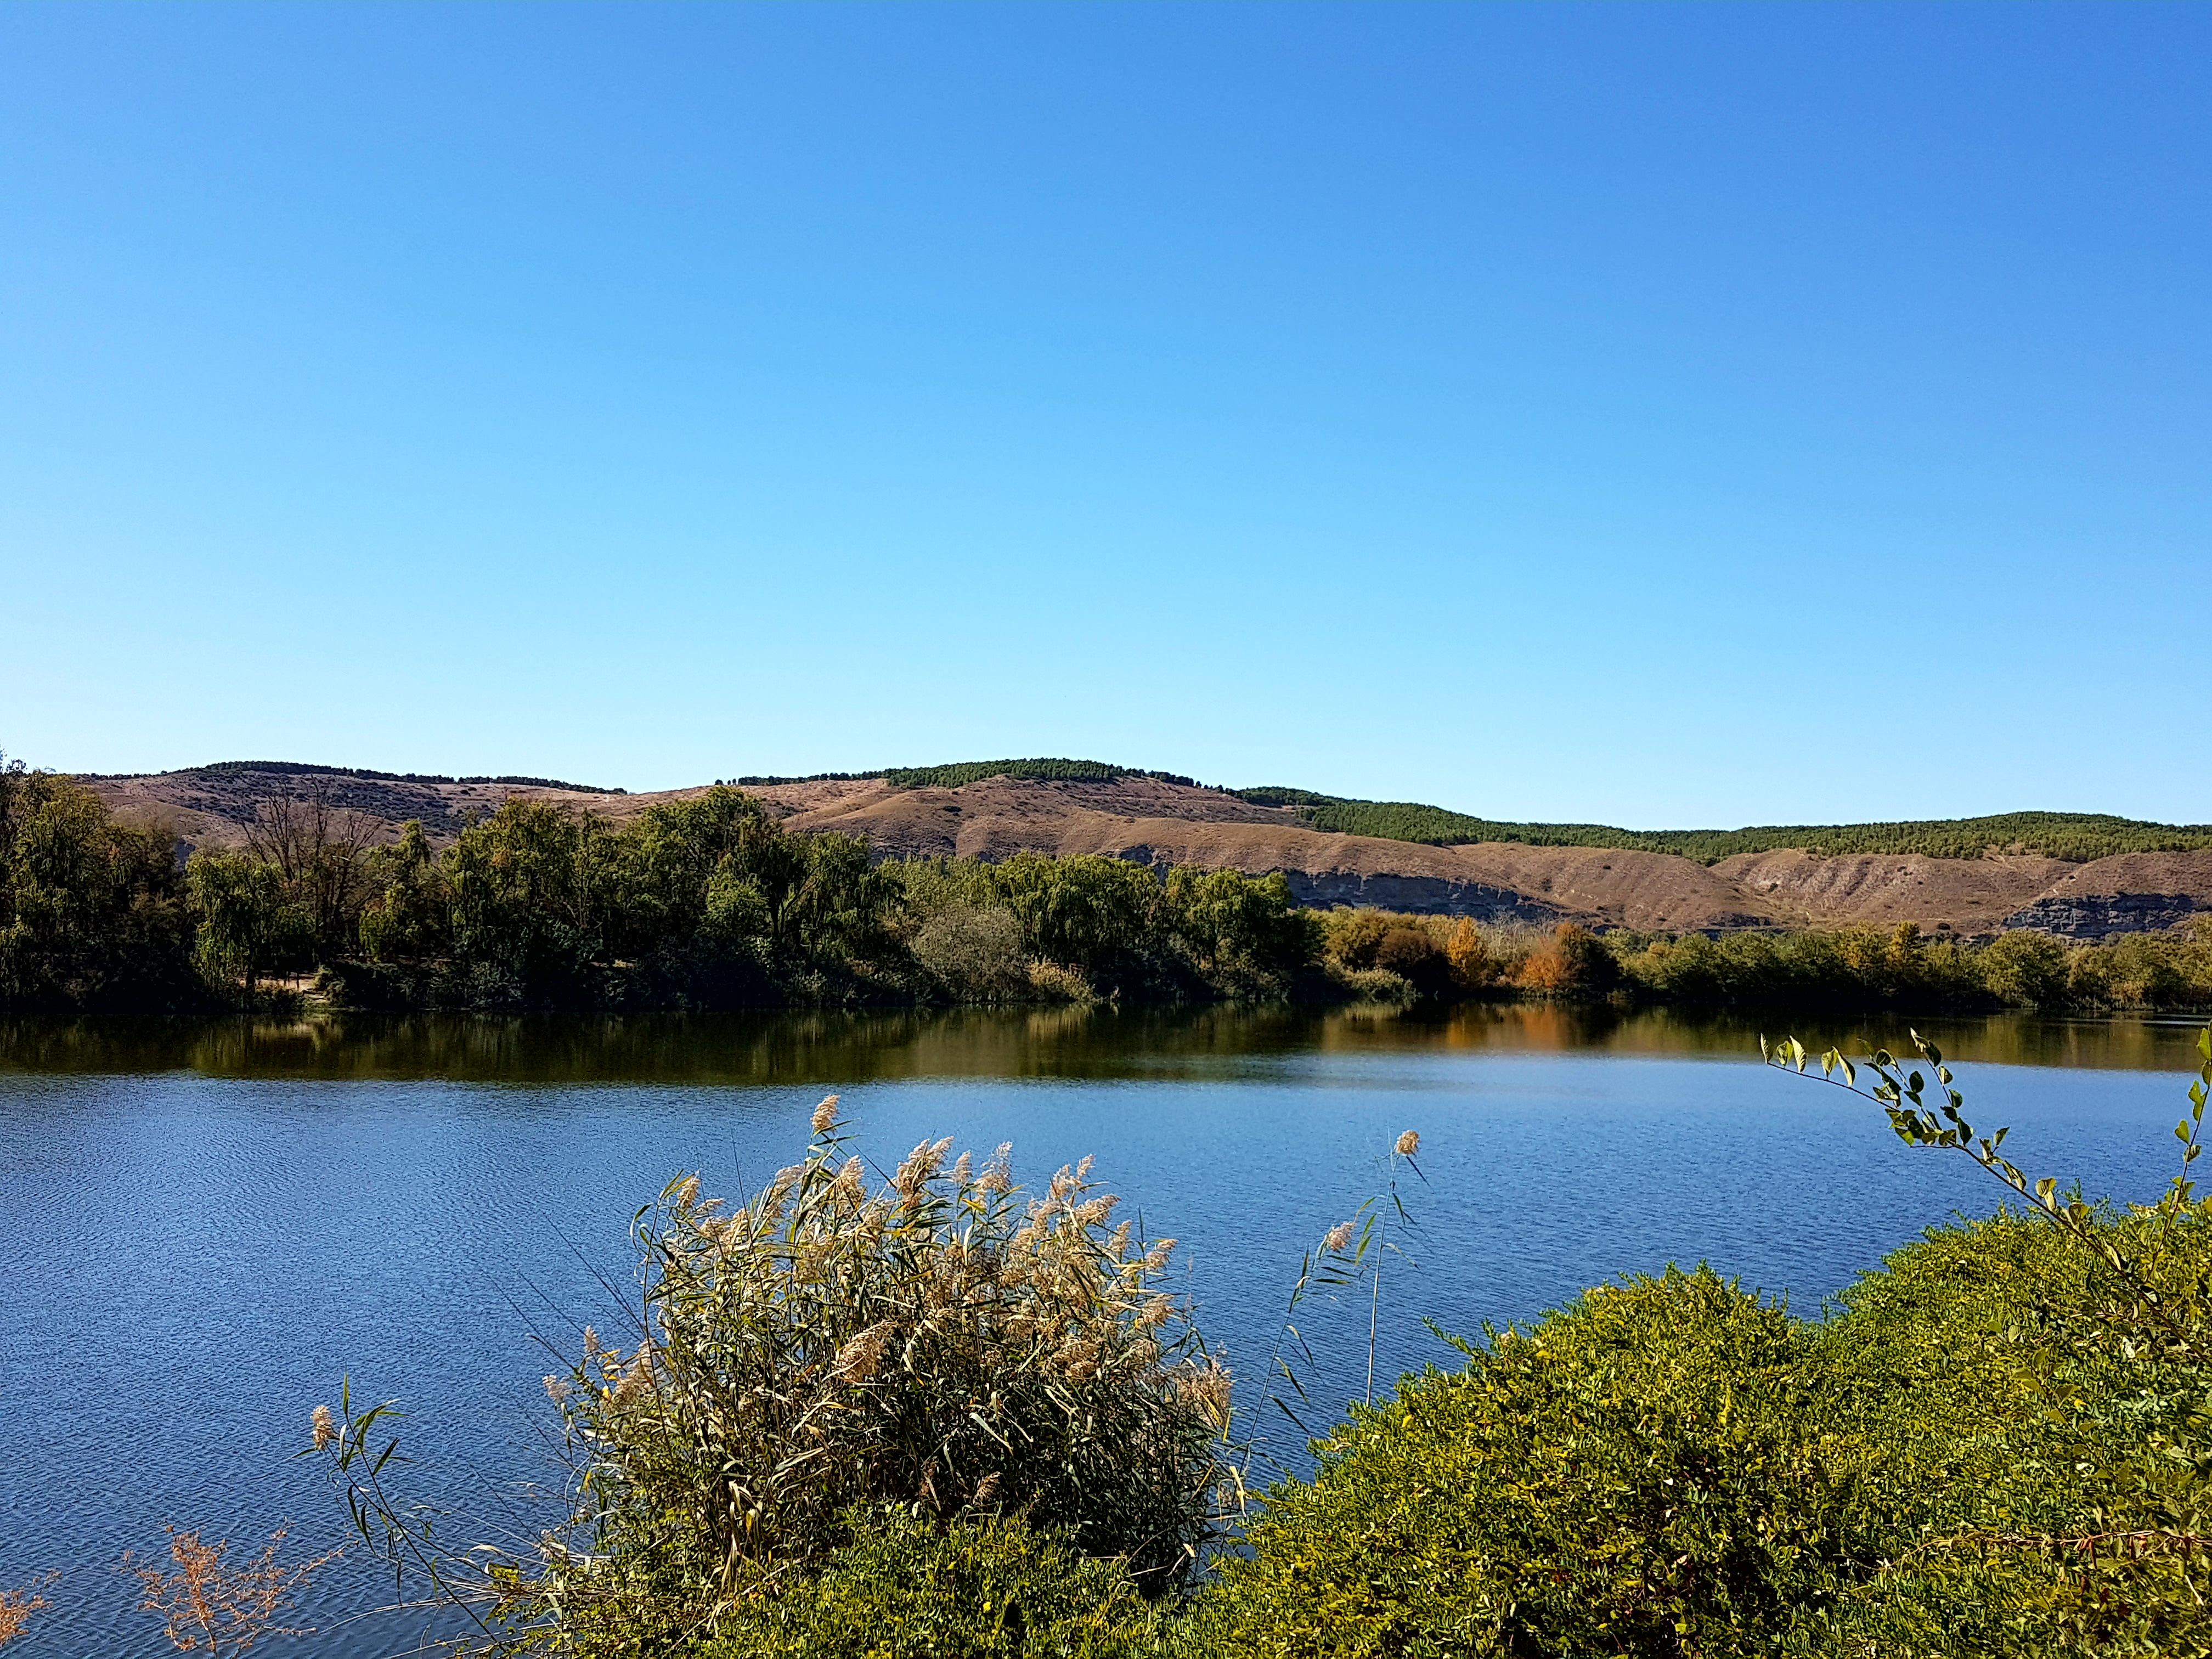 La evolución del estudio de los humedales y la instalación de bancos, papeleras y puestos de pesca en la laguna, conclusiones de la reunión de la Comisión de Medio Ambiente